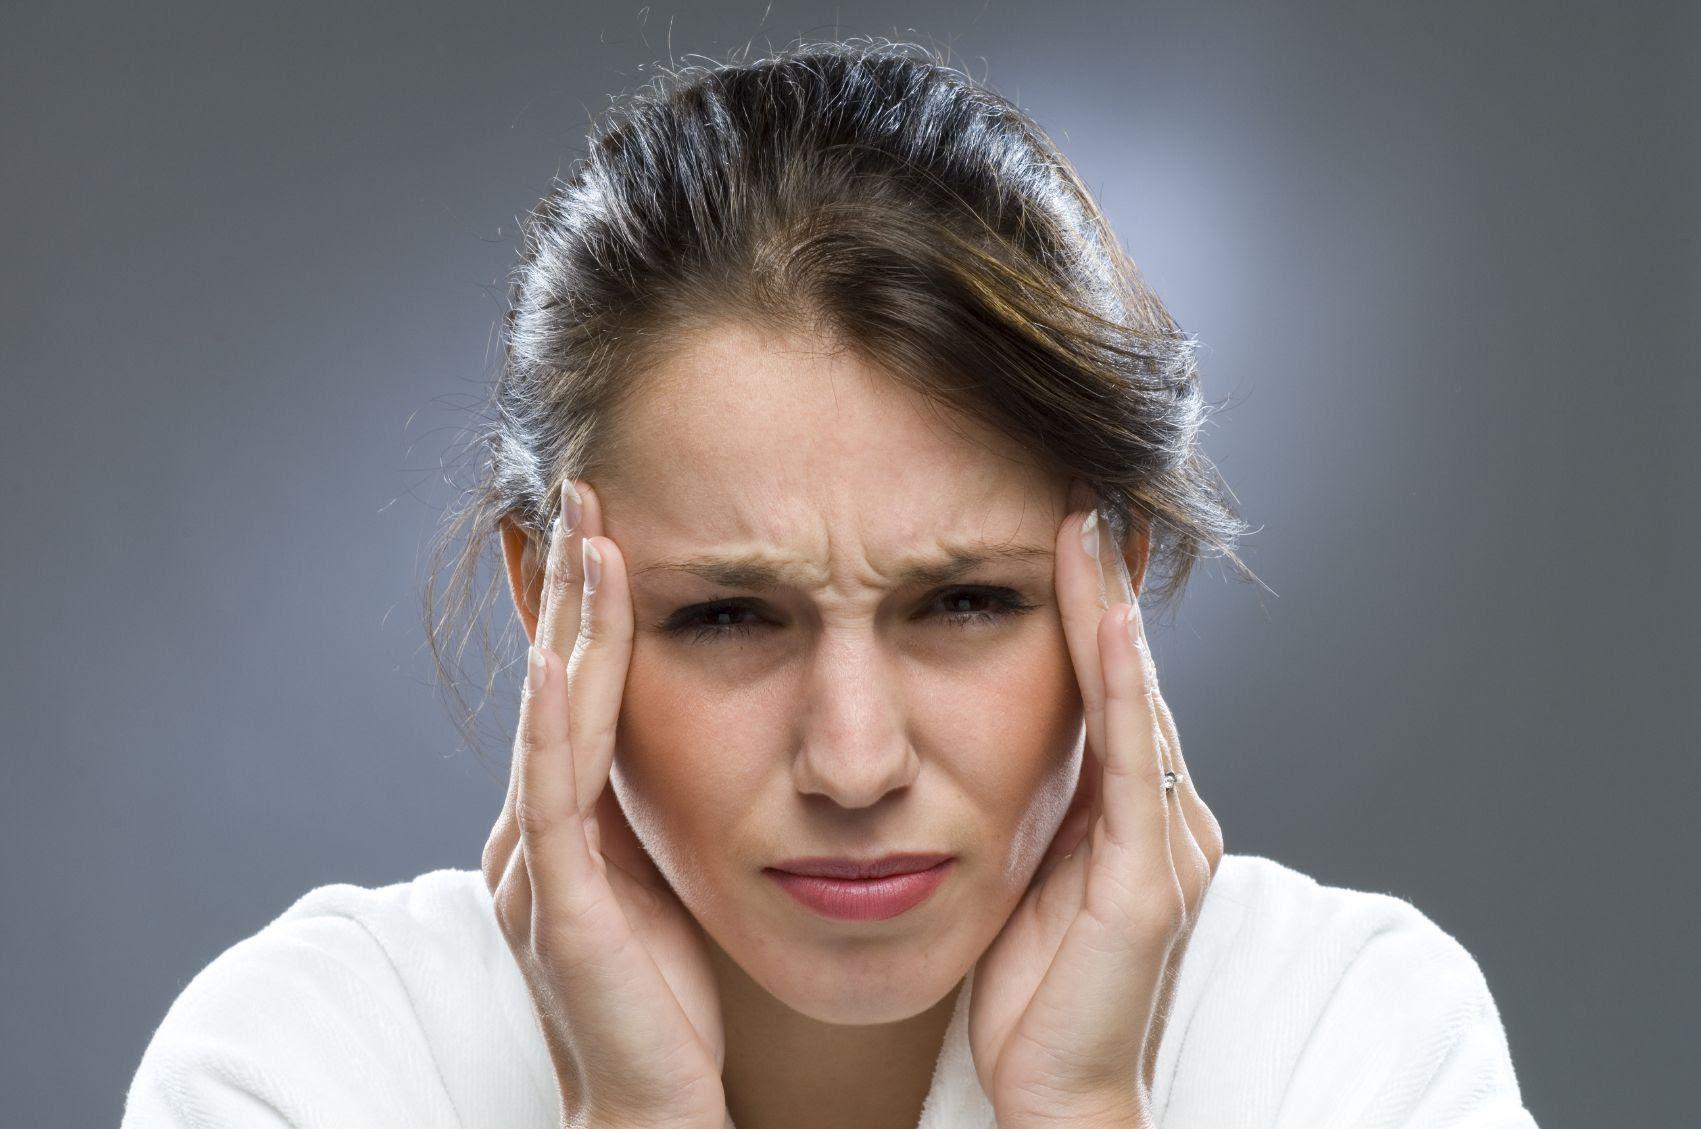 http://iosteopath.co.uk/wp-content/uploads/2014/10/Headache.jpg